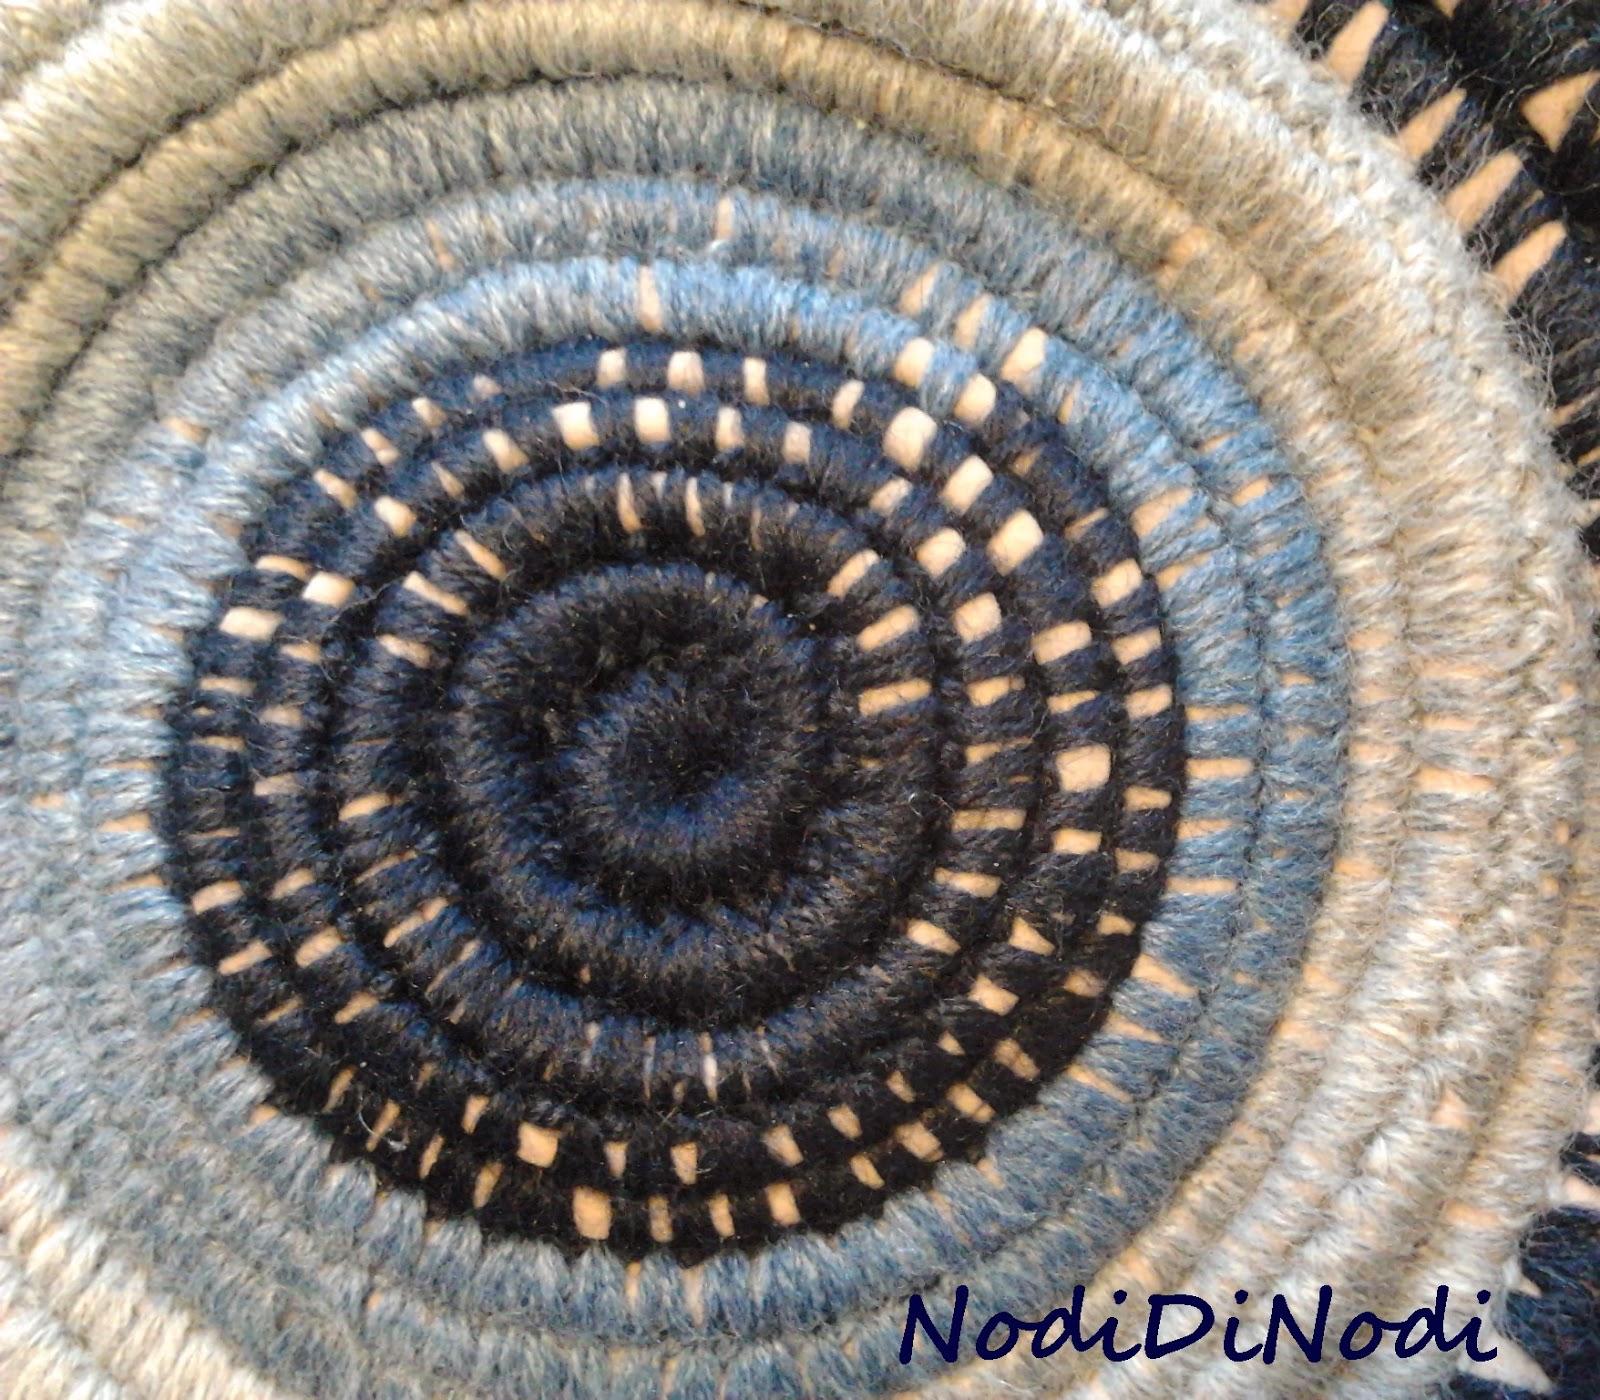 Nodidinodi tappeto spirale di uncinetto e fettuccia - Tappeto di giunchi ...